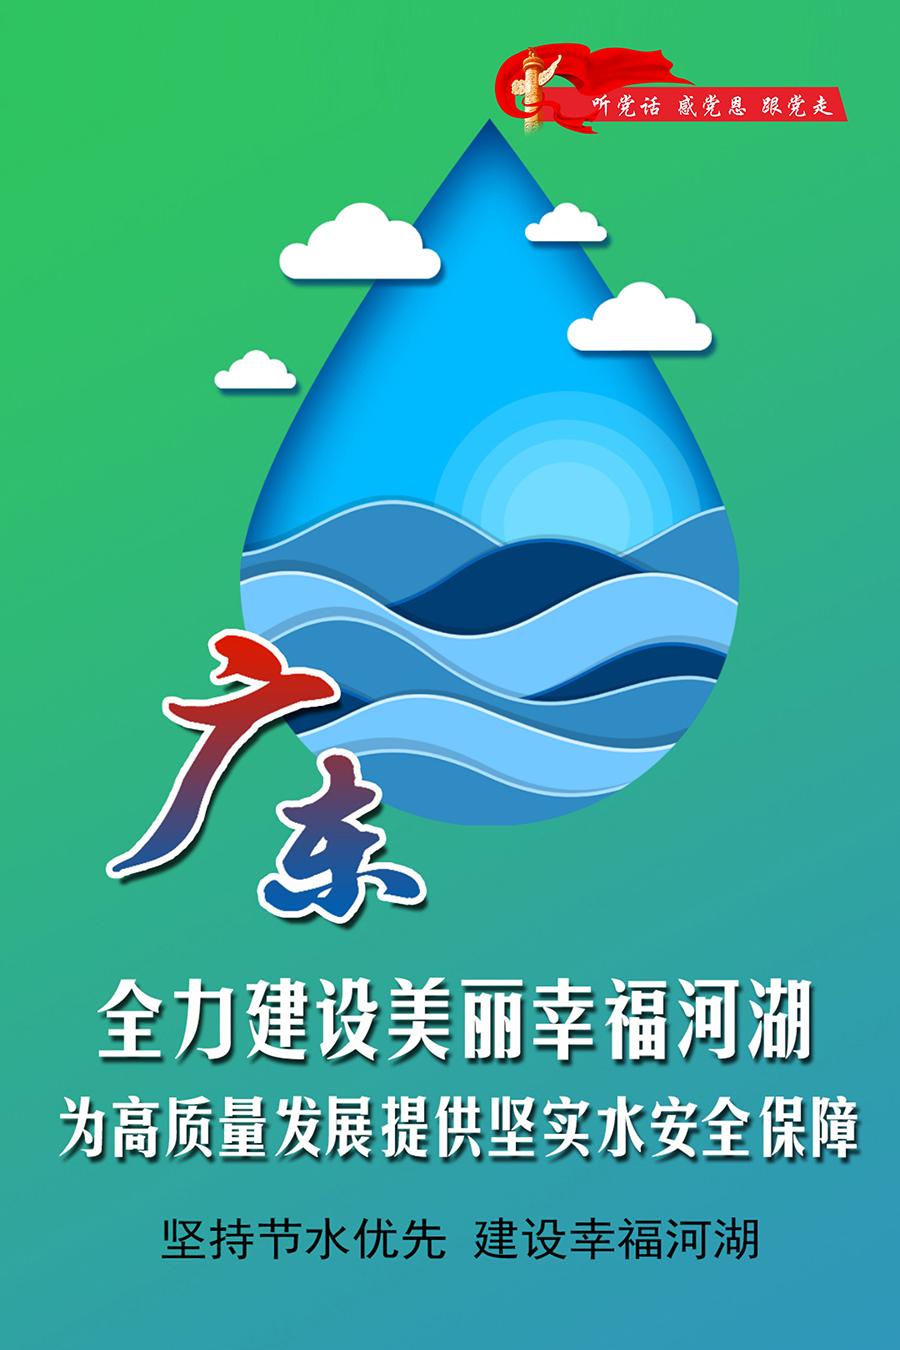 坚持节水优先,建设幸福河湖-900.jpg